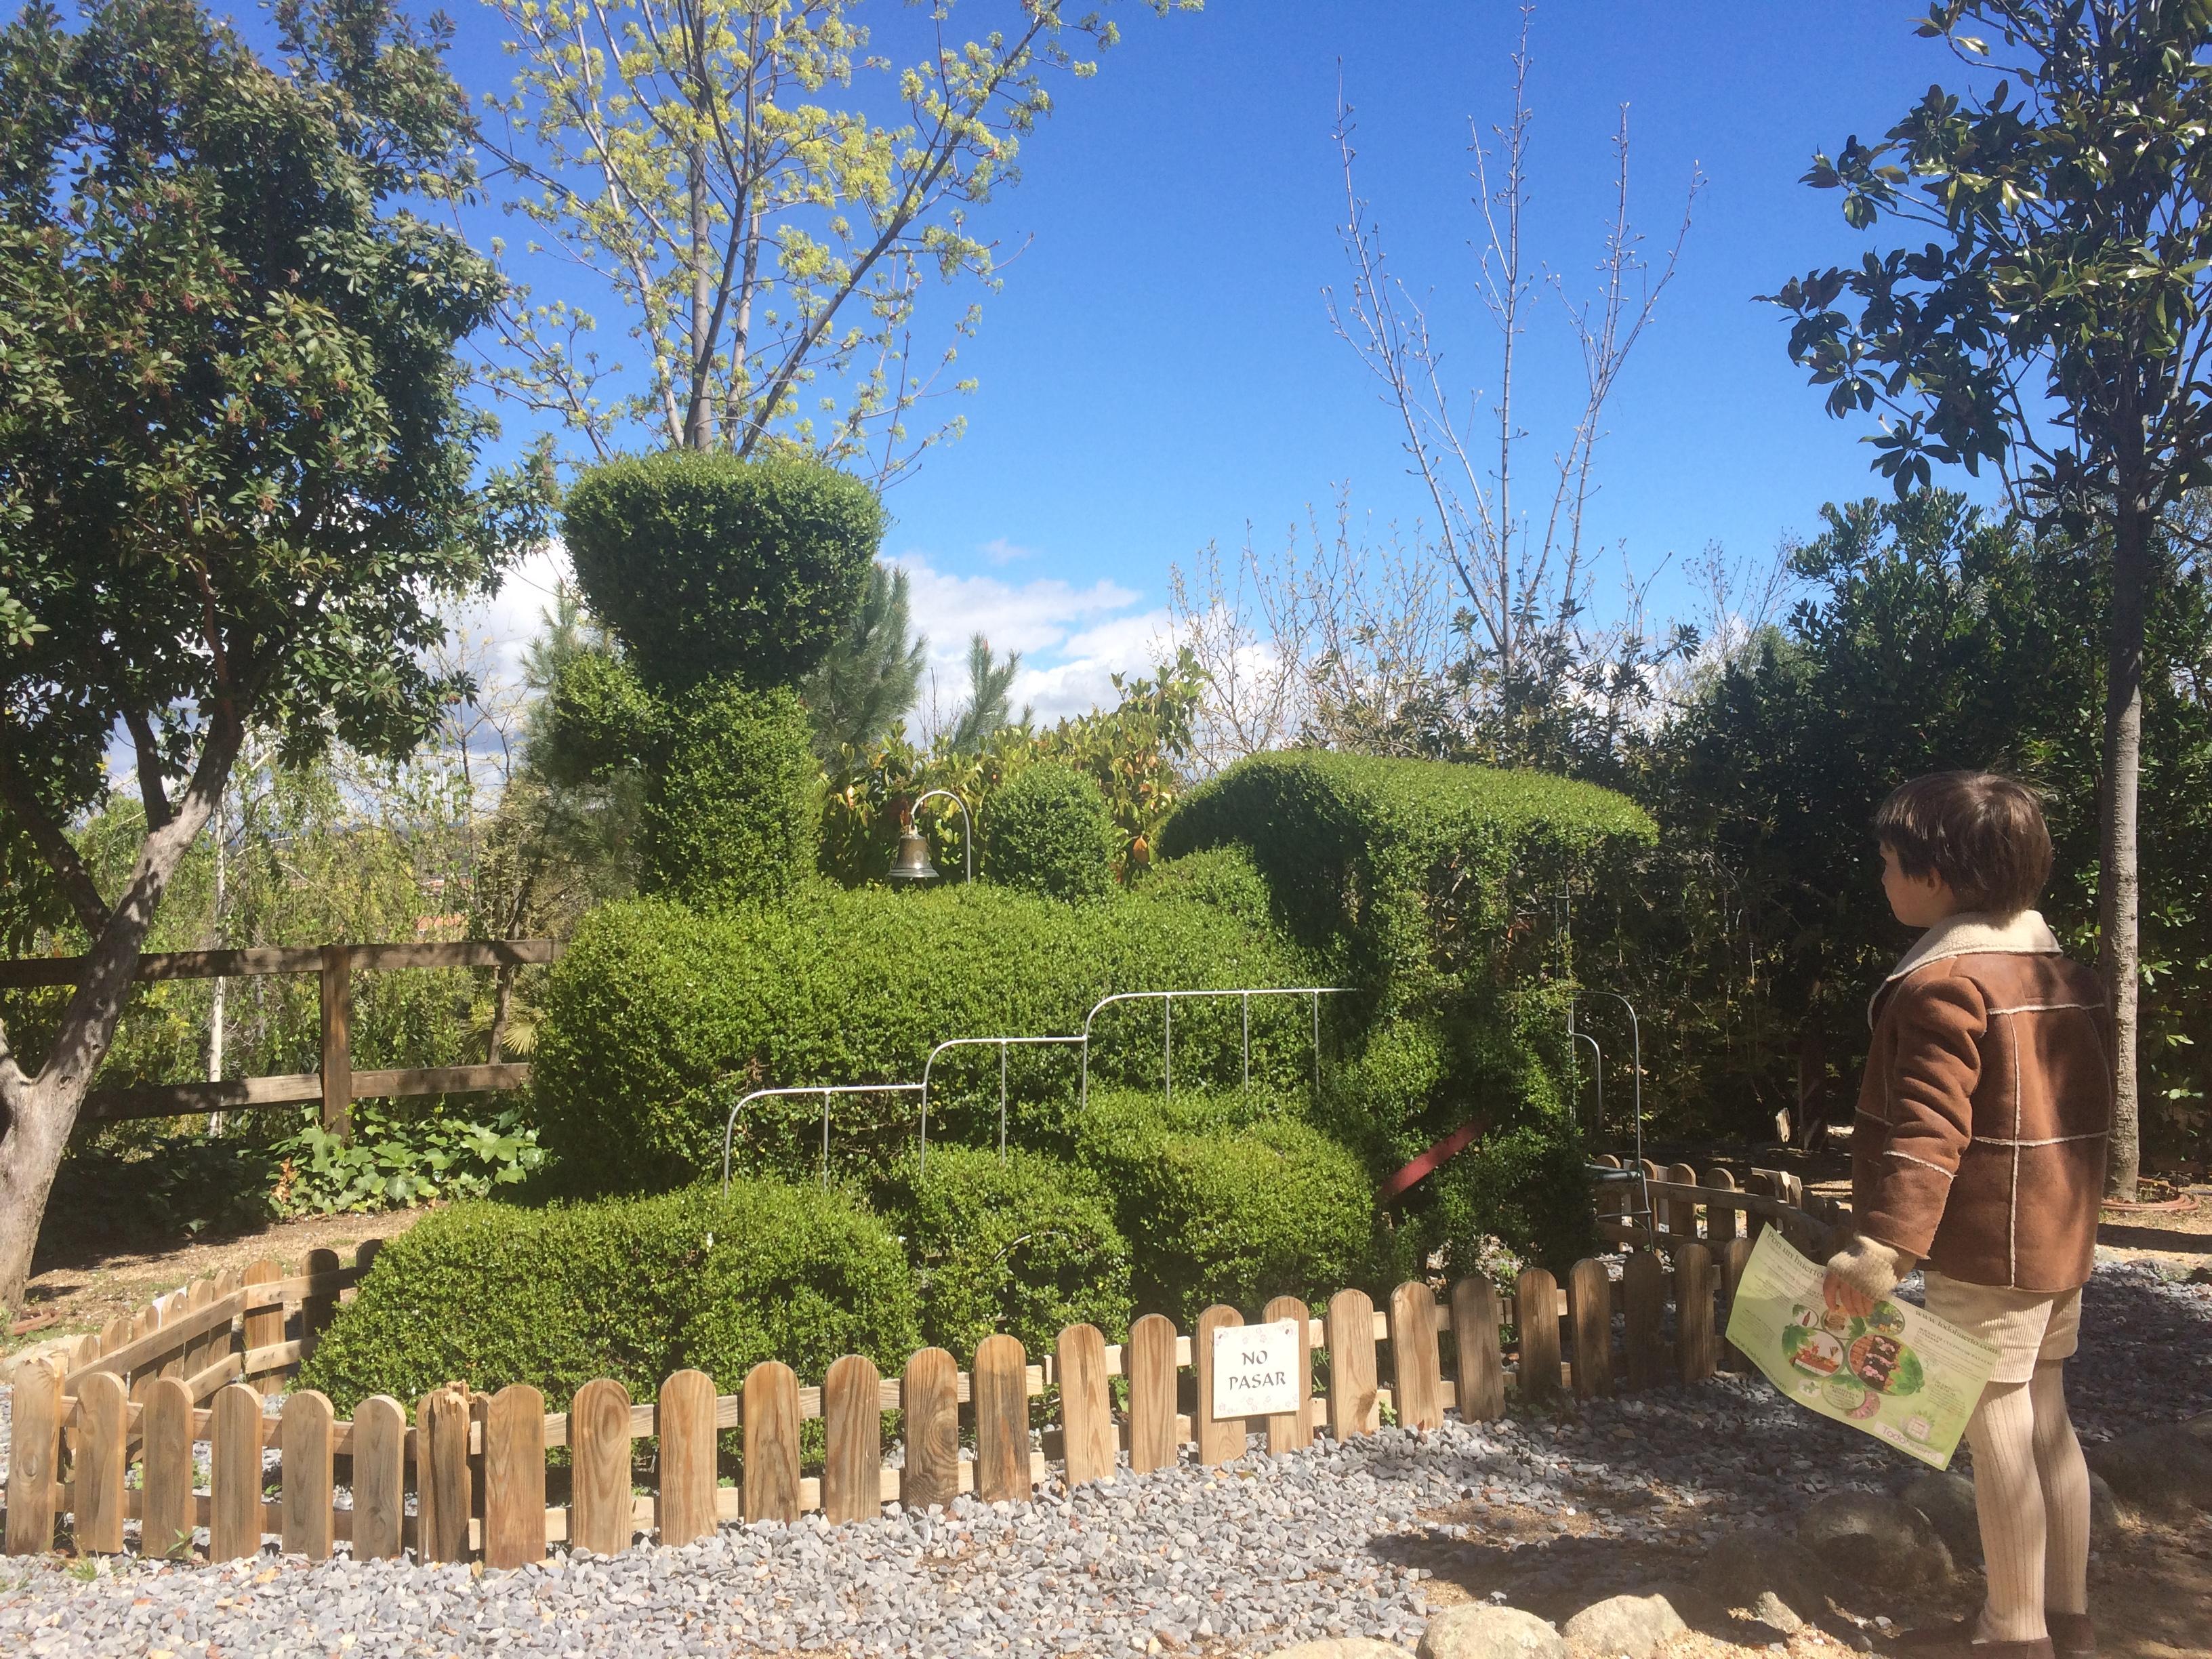 El bosque encantado en madrid actividades para ni os planes con ni os mam s viajeras - Jardin encantado madrid ...